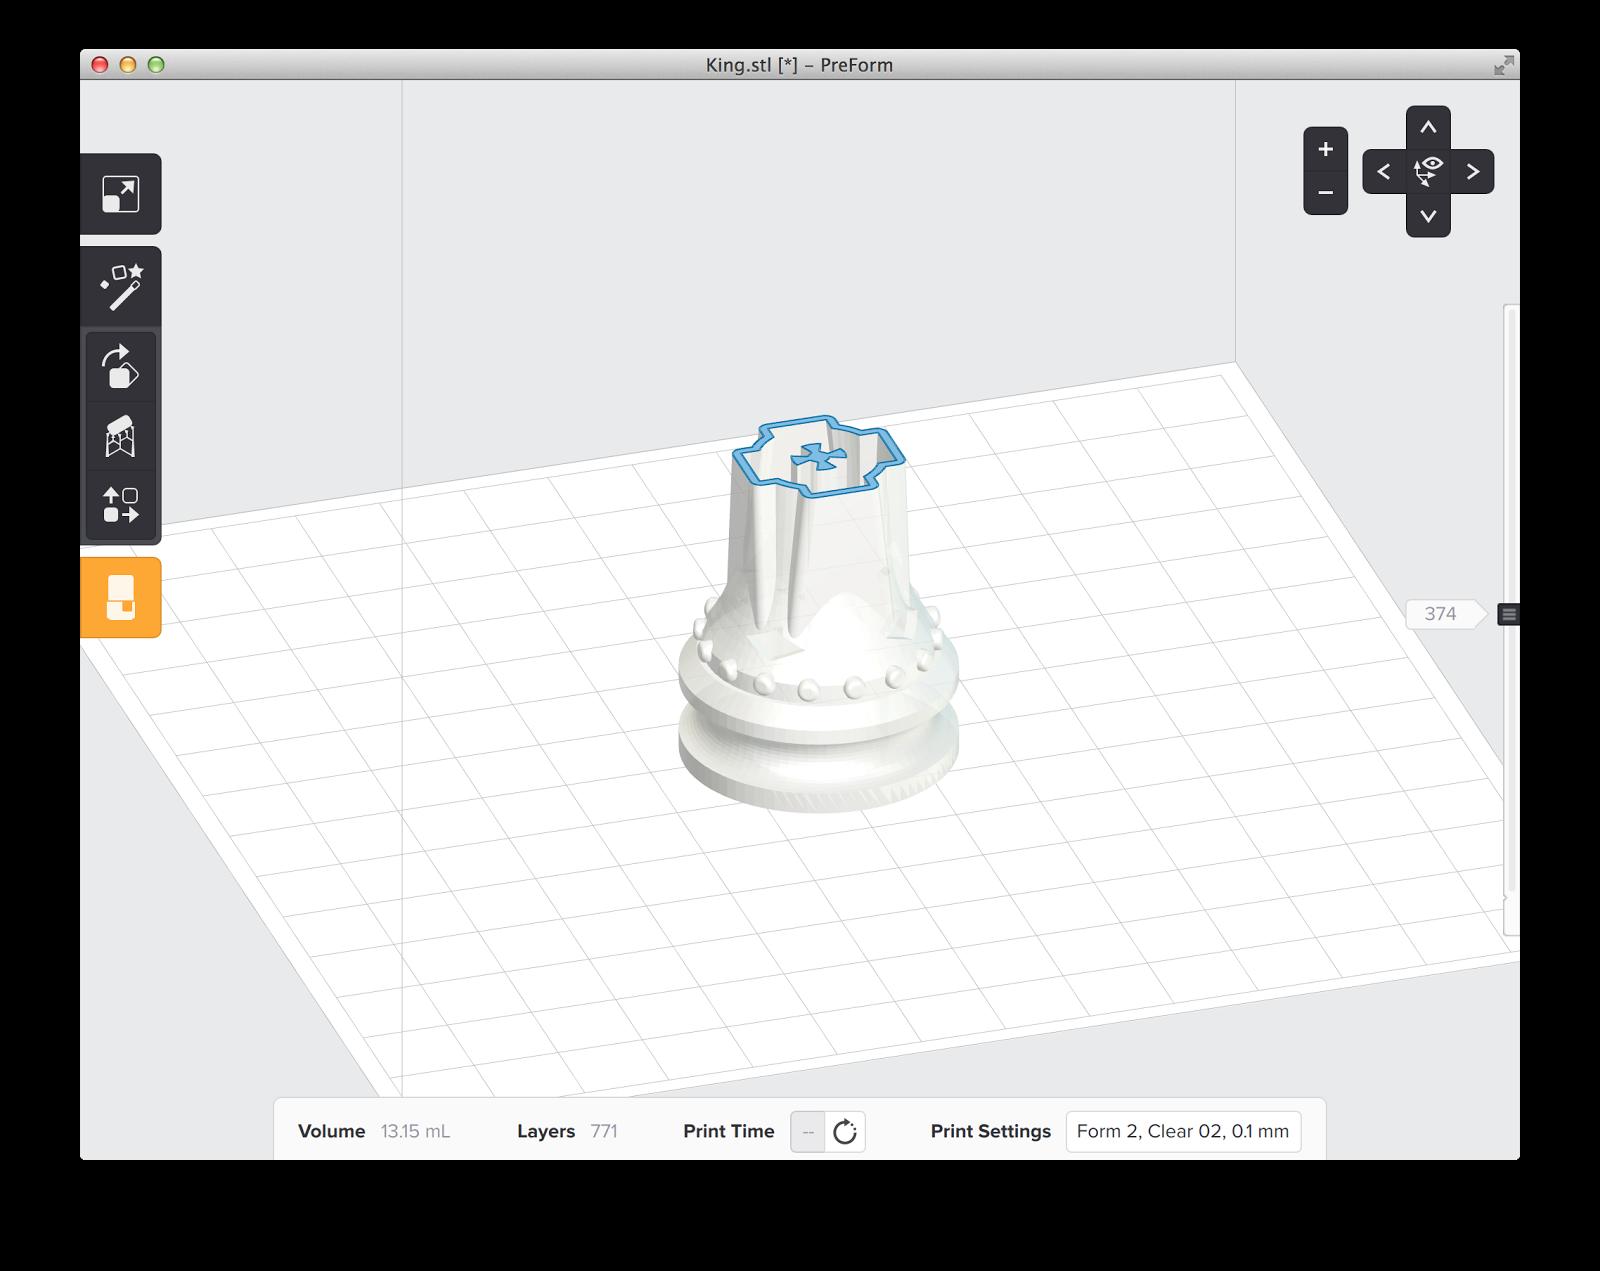 3D Model in PreForm